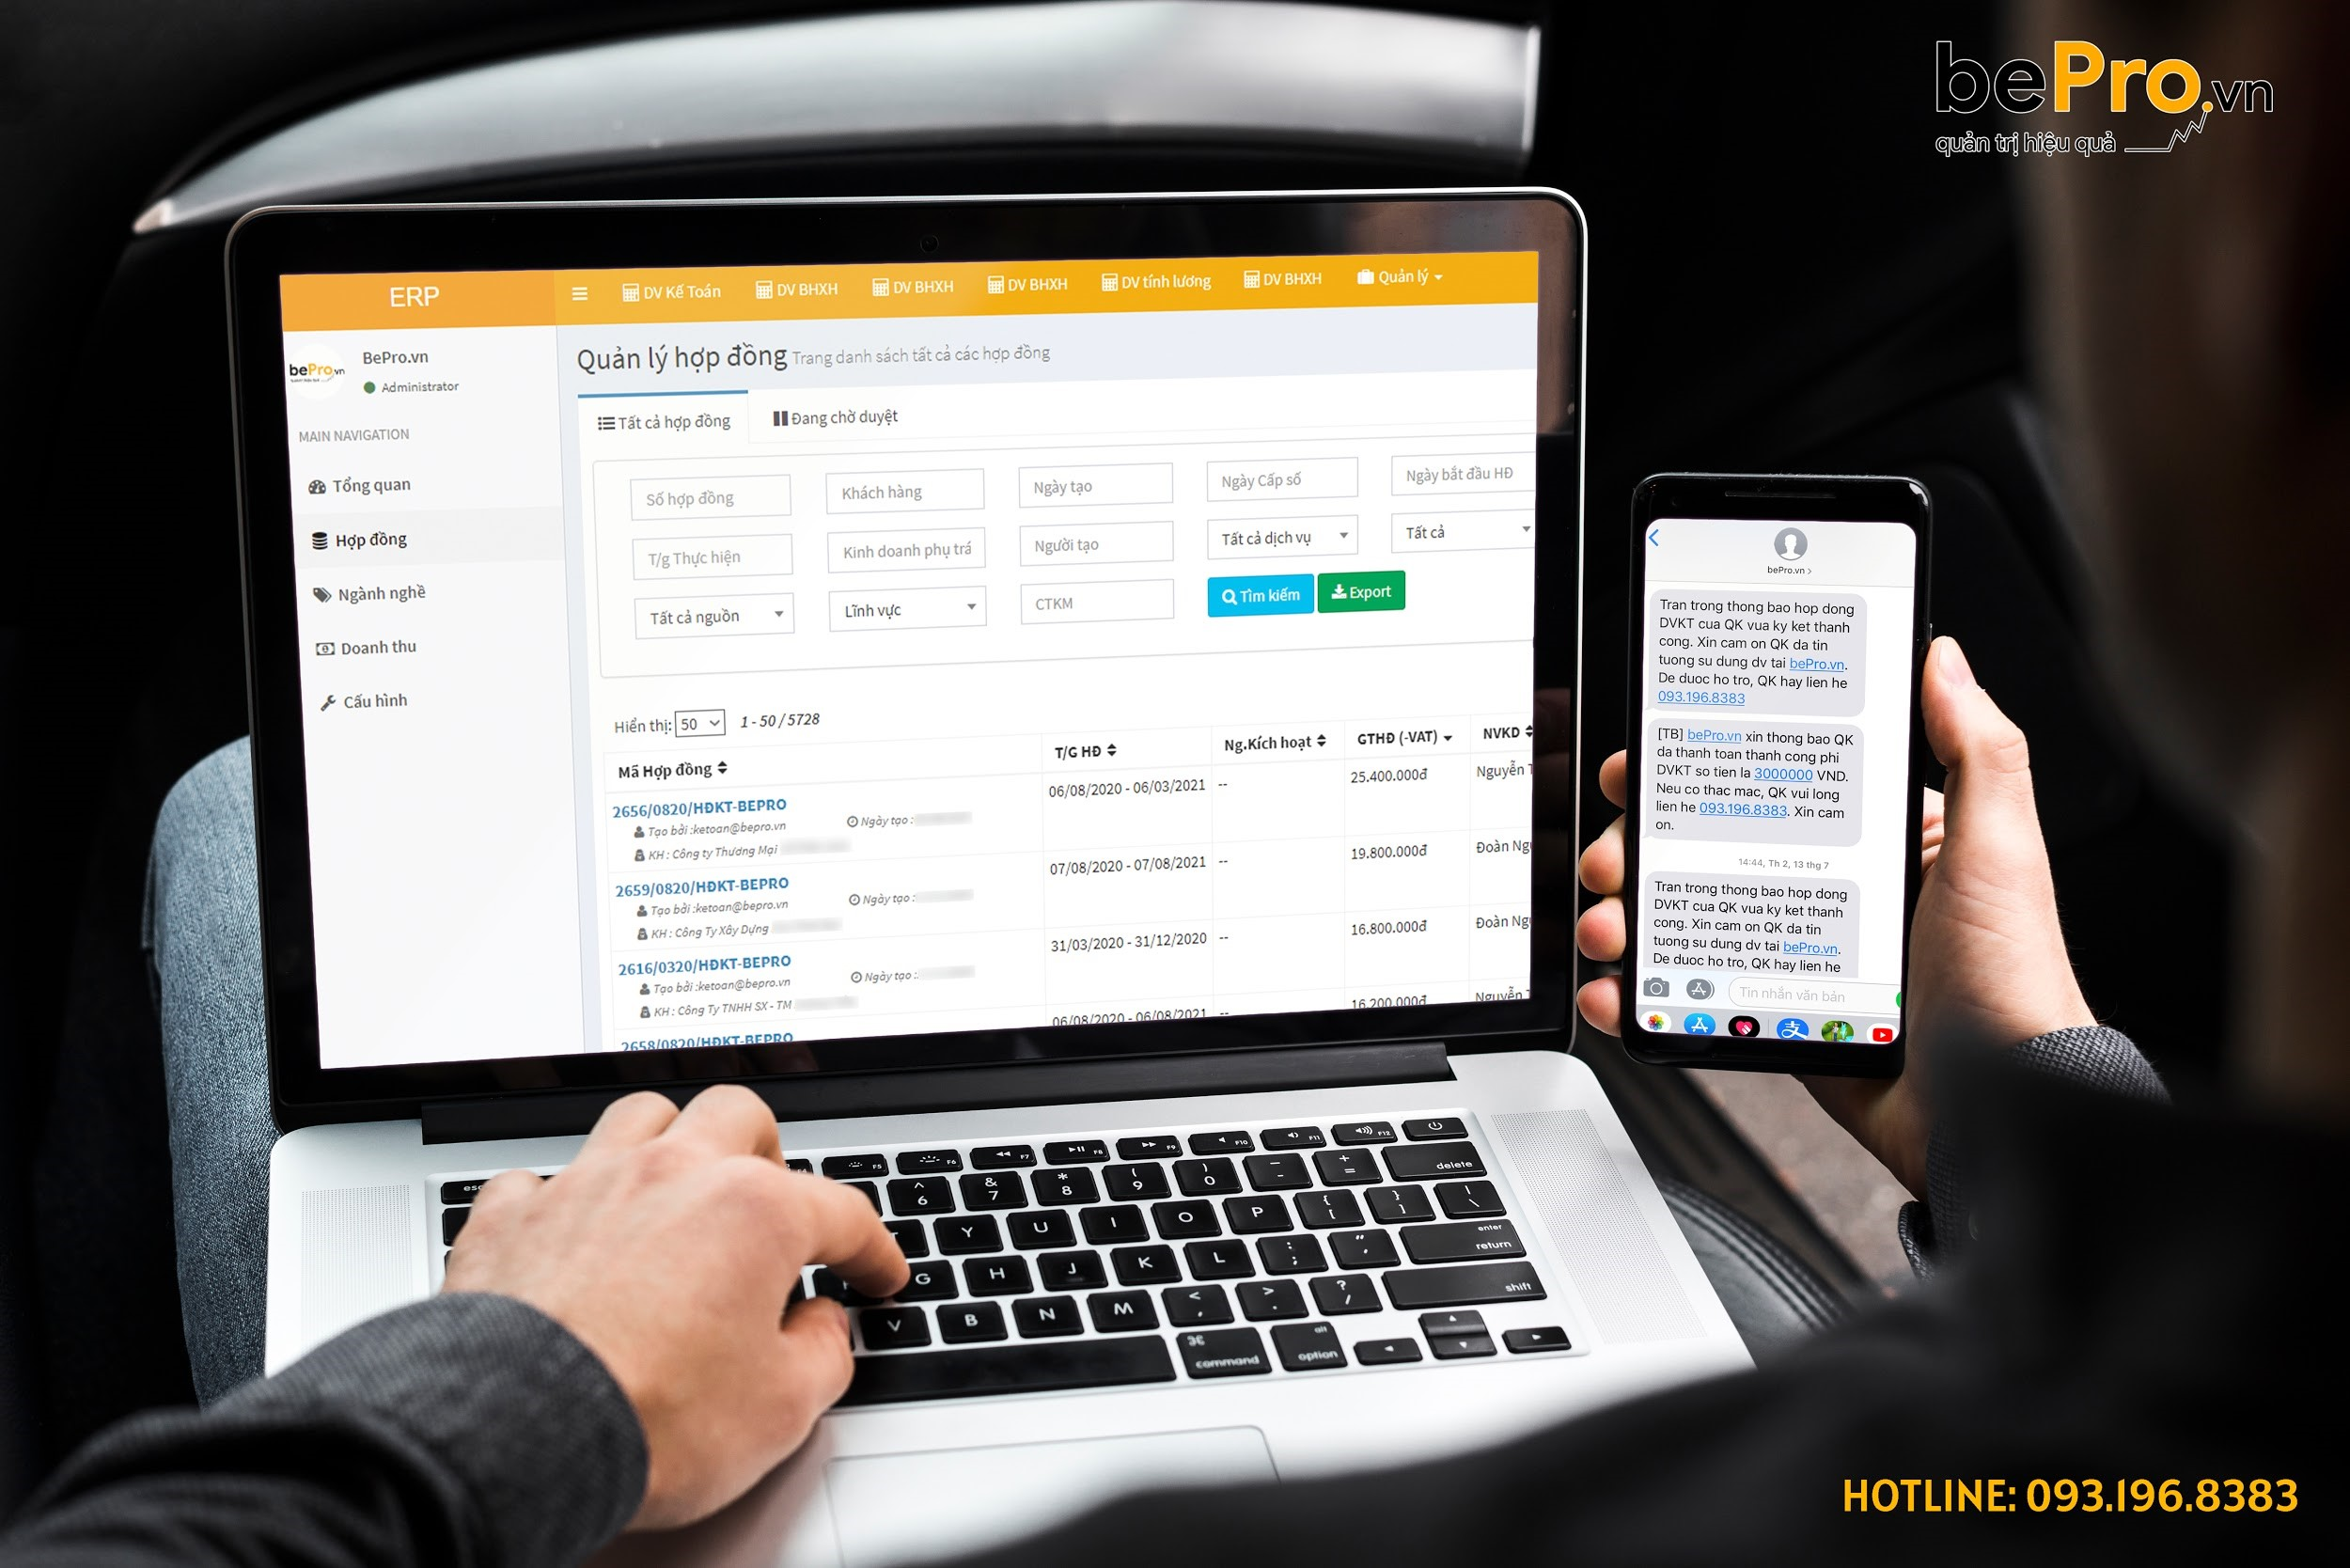 BePro.vn - Chuyên nghiệp hóa hoạt động kế toán với chi phí hợp lý 1